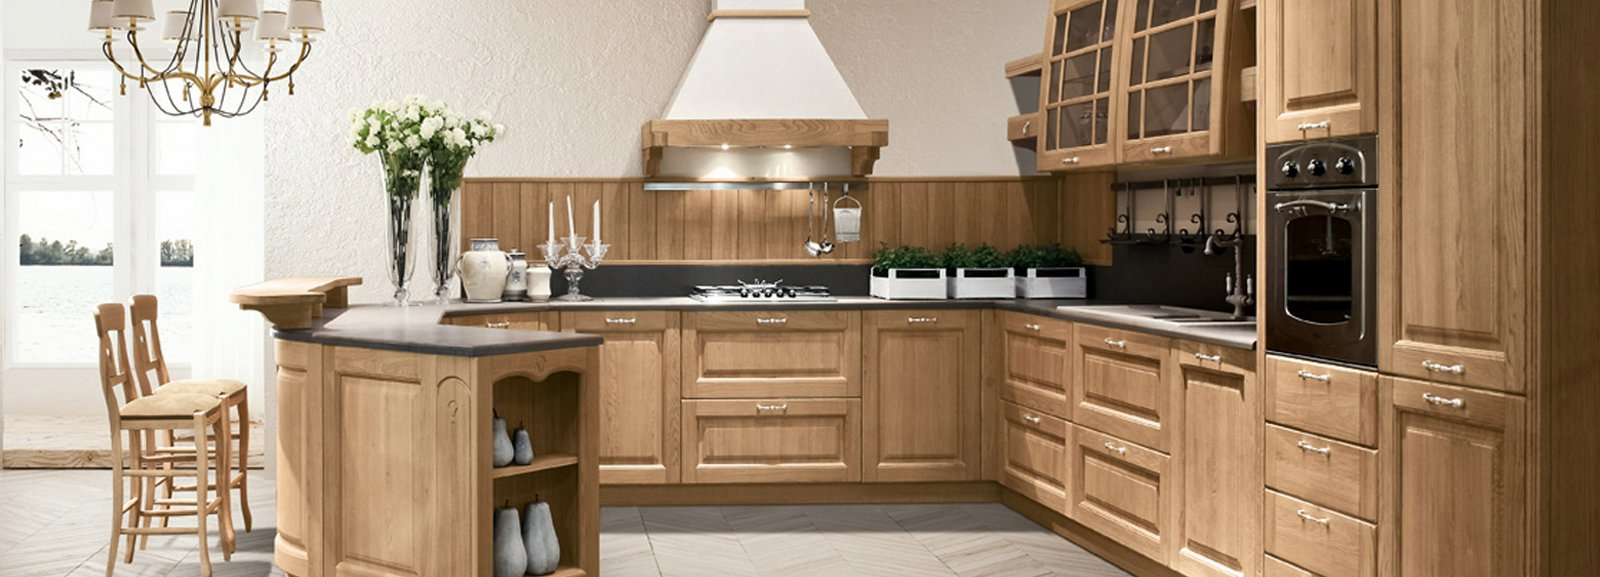 Cucina in legno moderna o classica cose di casa - Casa legno moderna ...